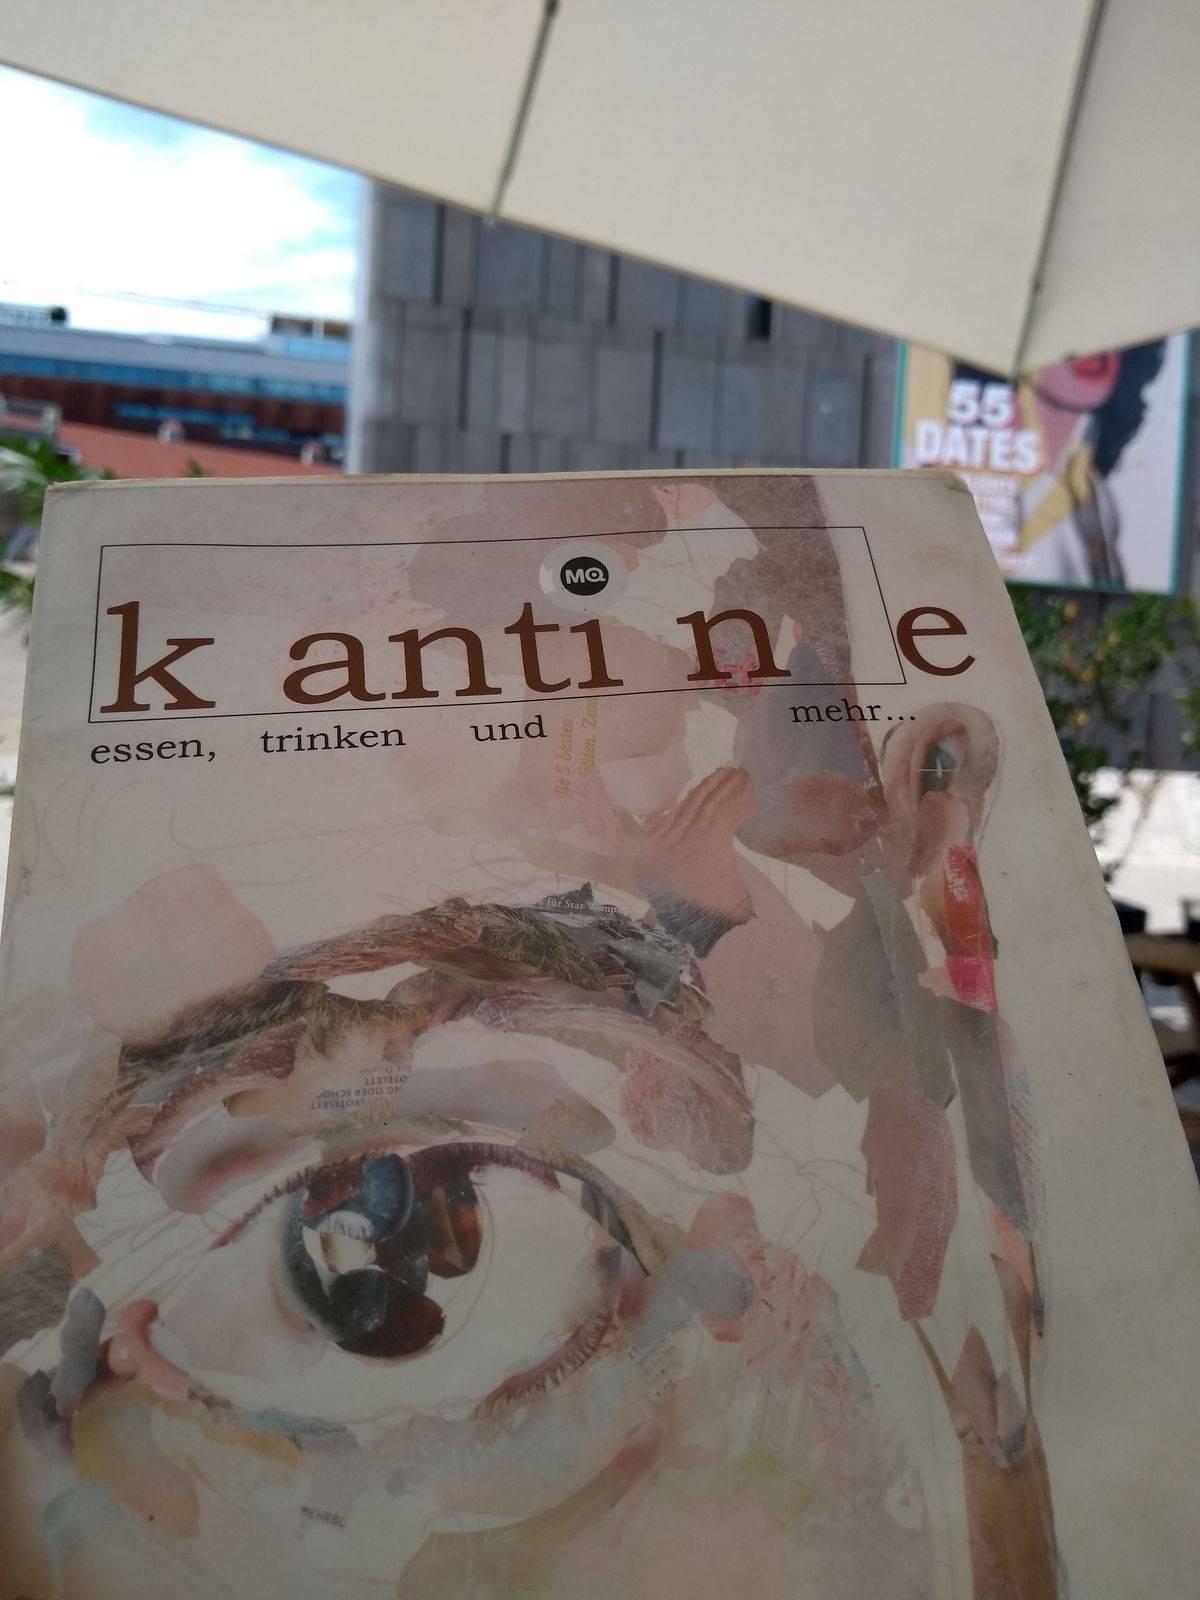 Photo 3: La Kantine ! Pour bien manger végétarien dans le quartier des musées !